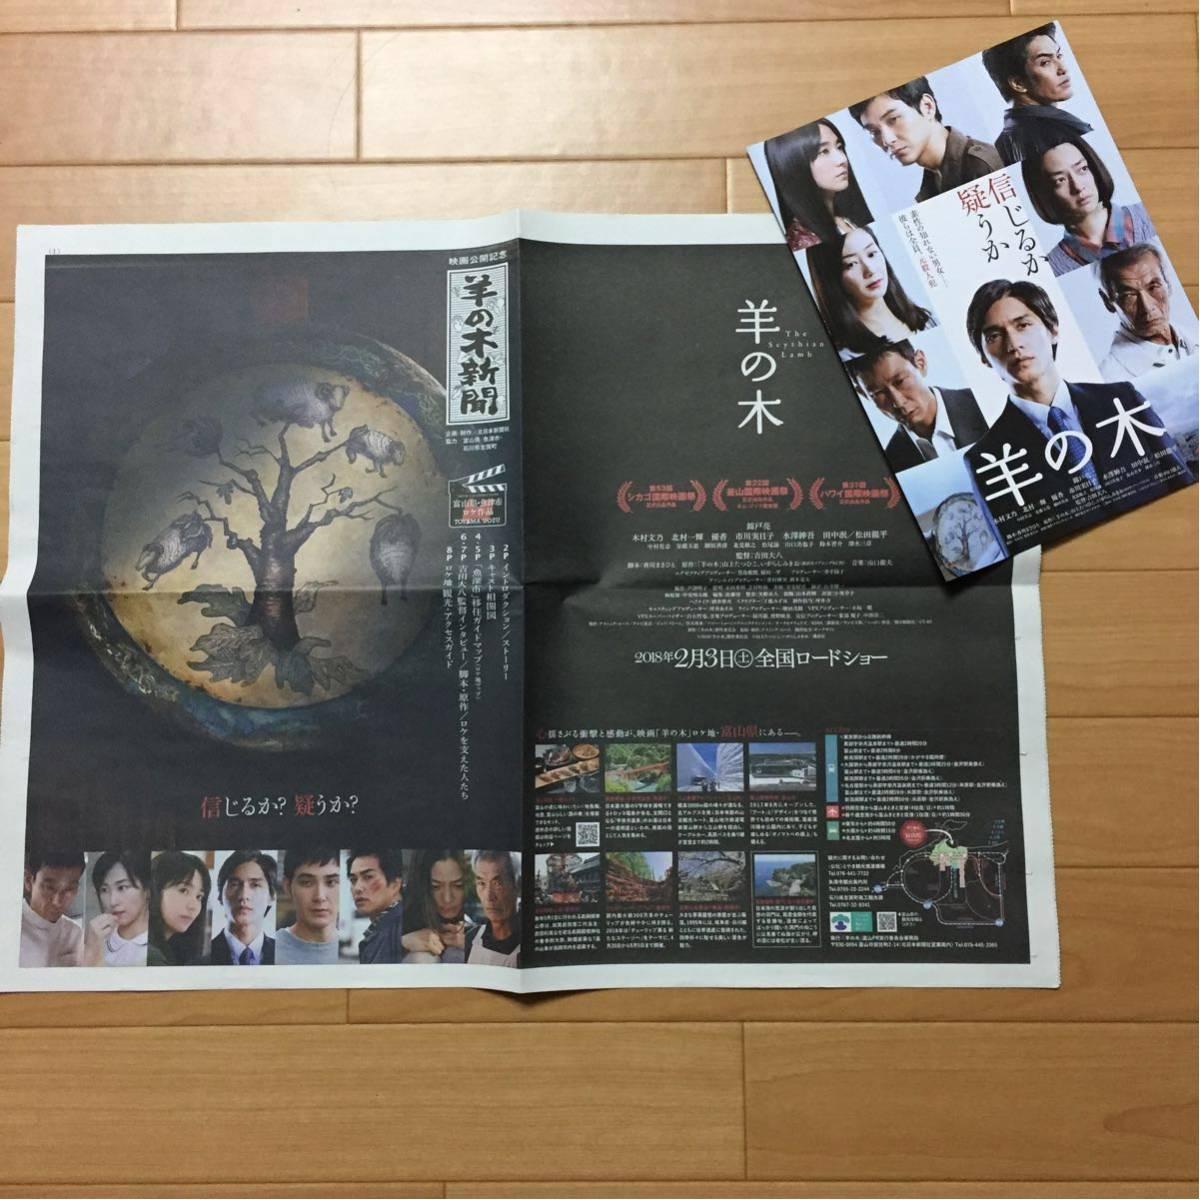 映画公開記念★羊の木新聞★関ジャニ∞★錦戸亮★チラシ付き